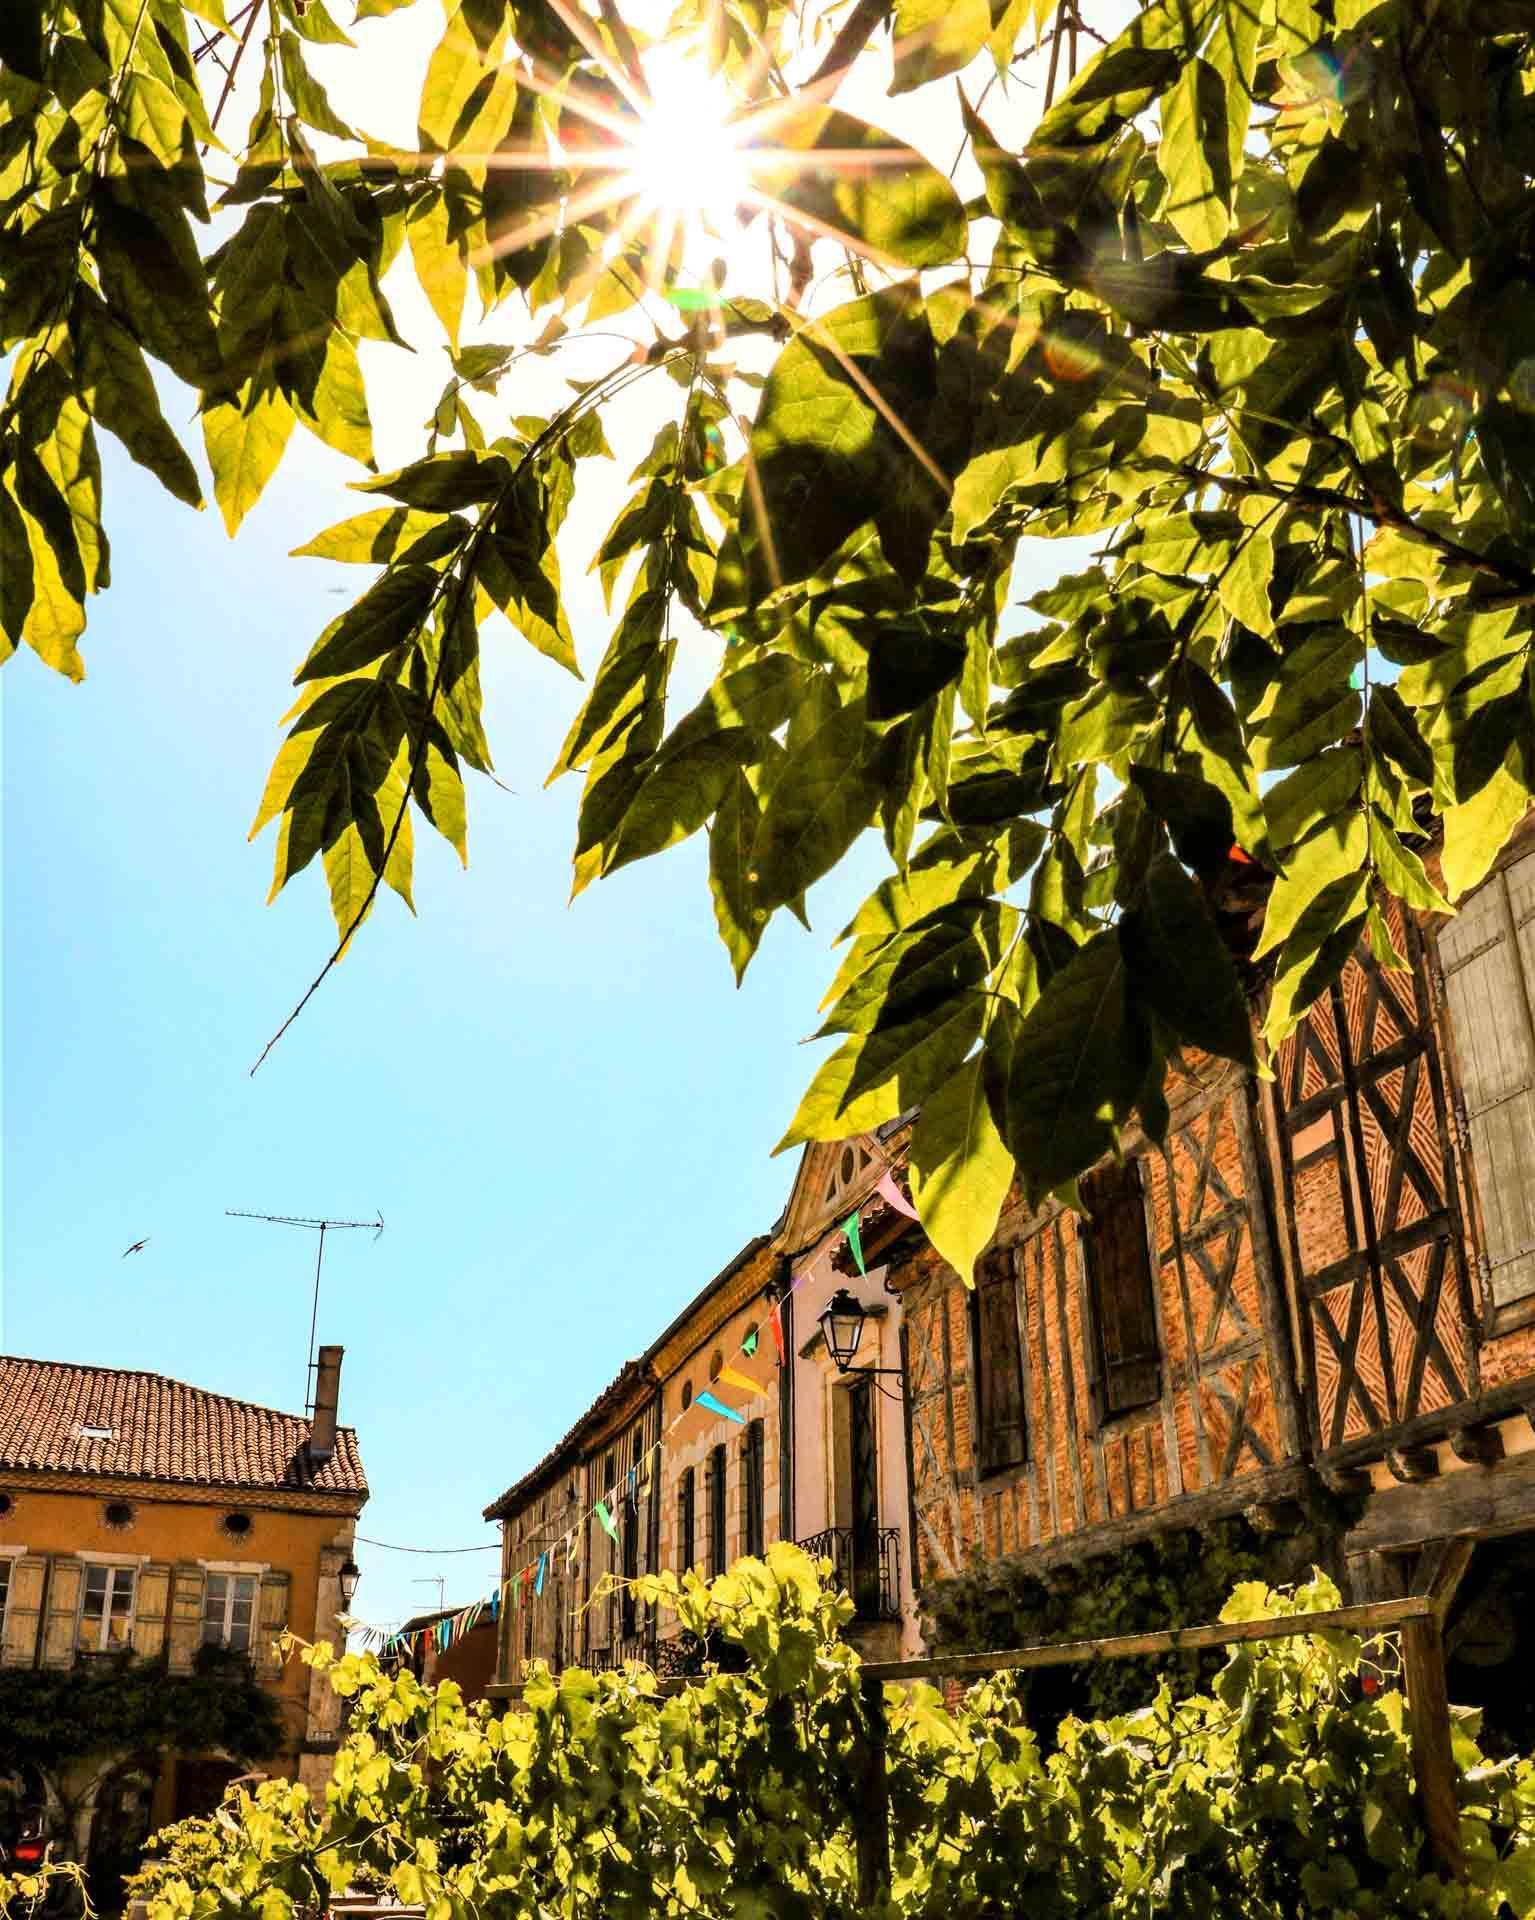 La place royale de Labastide d'Armagnac